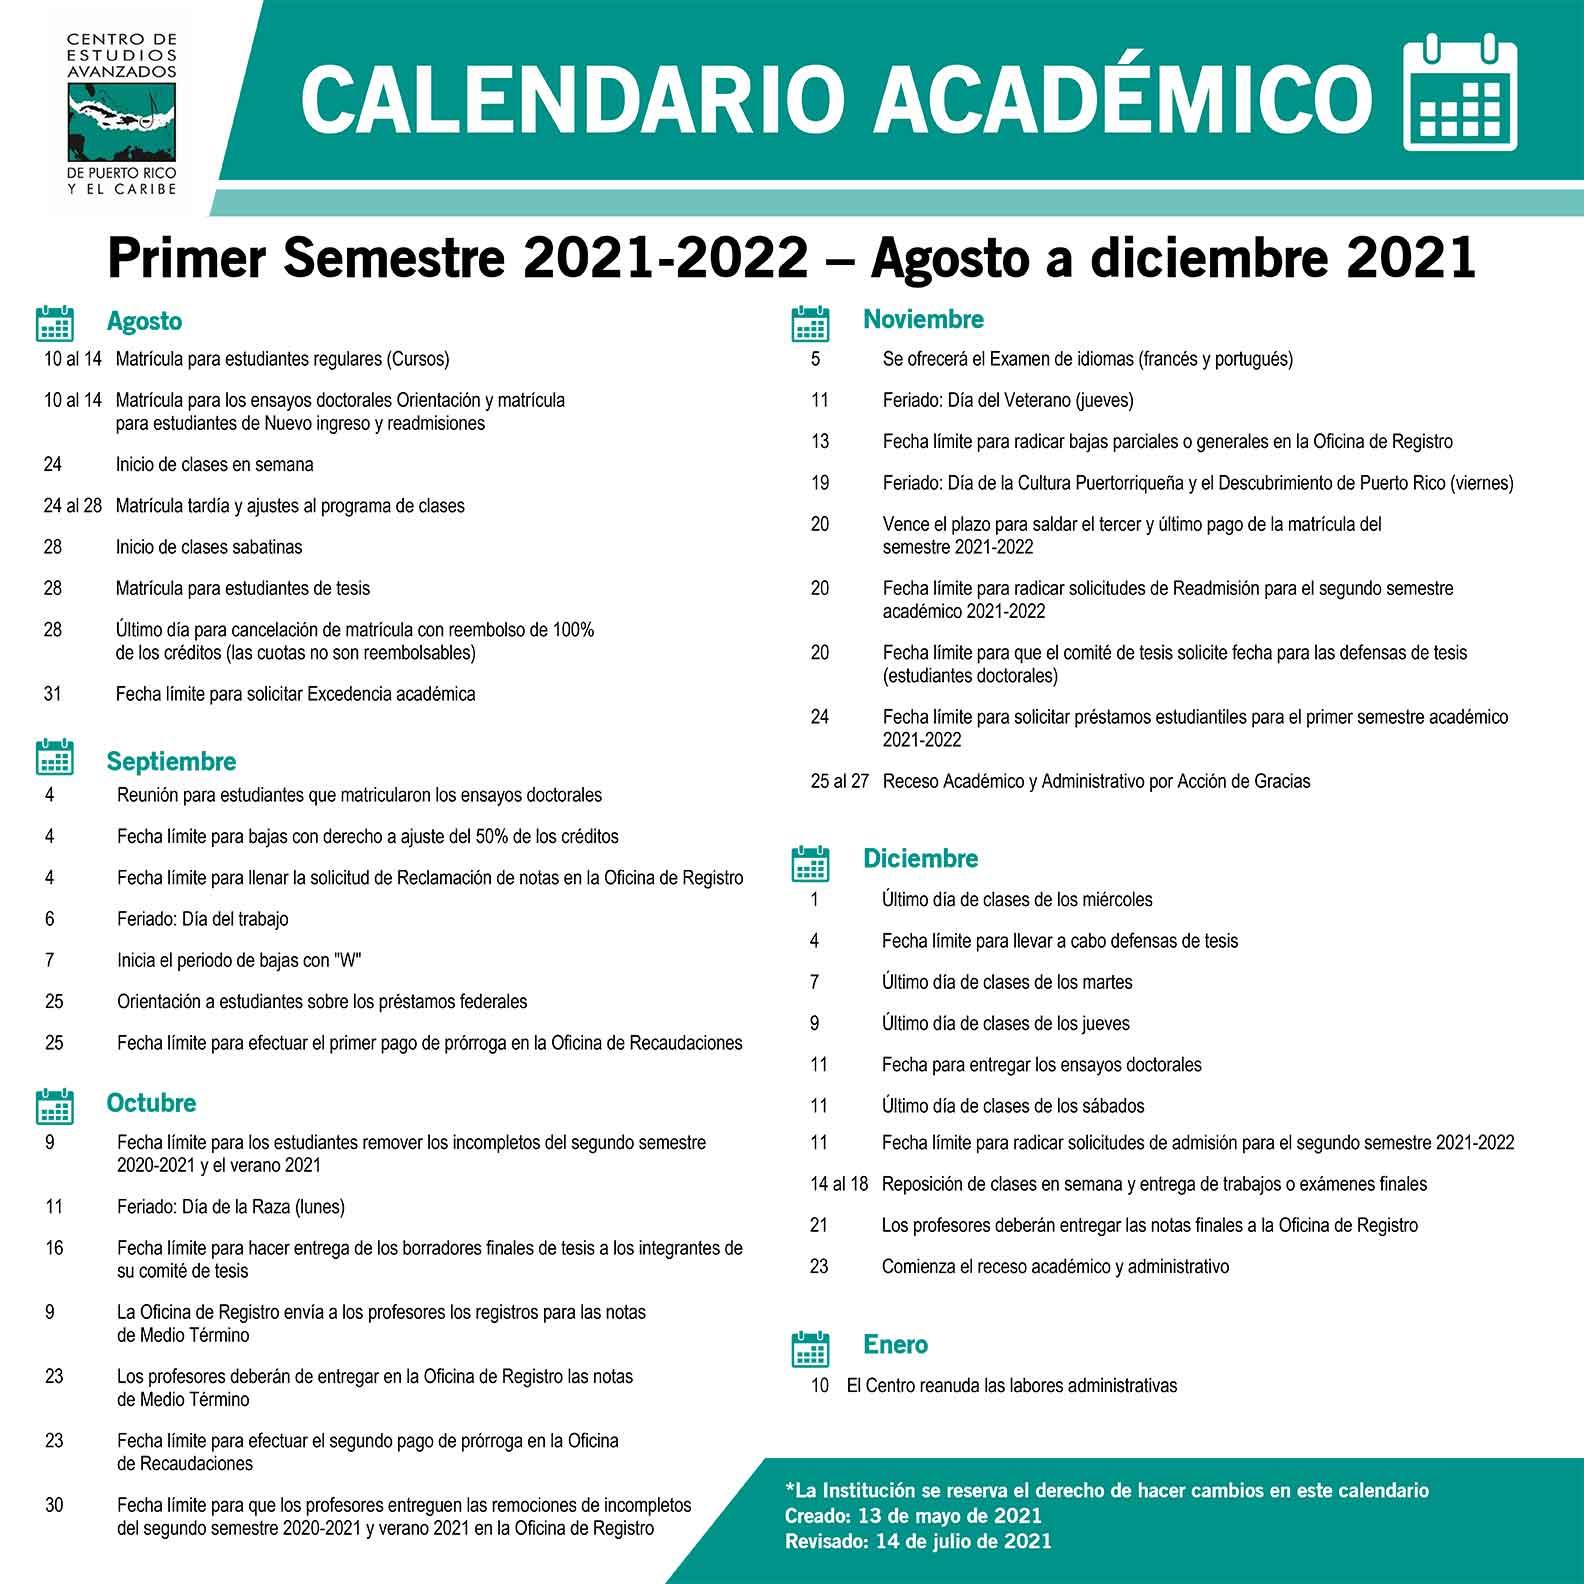 Calendario Académico Agosto - Diciembre 2021